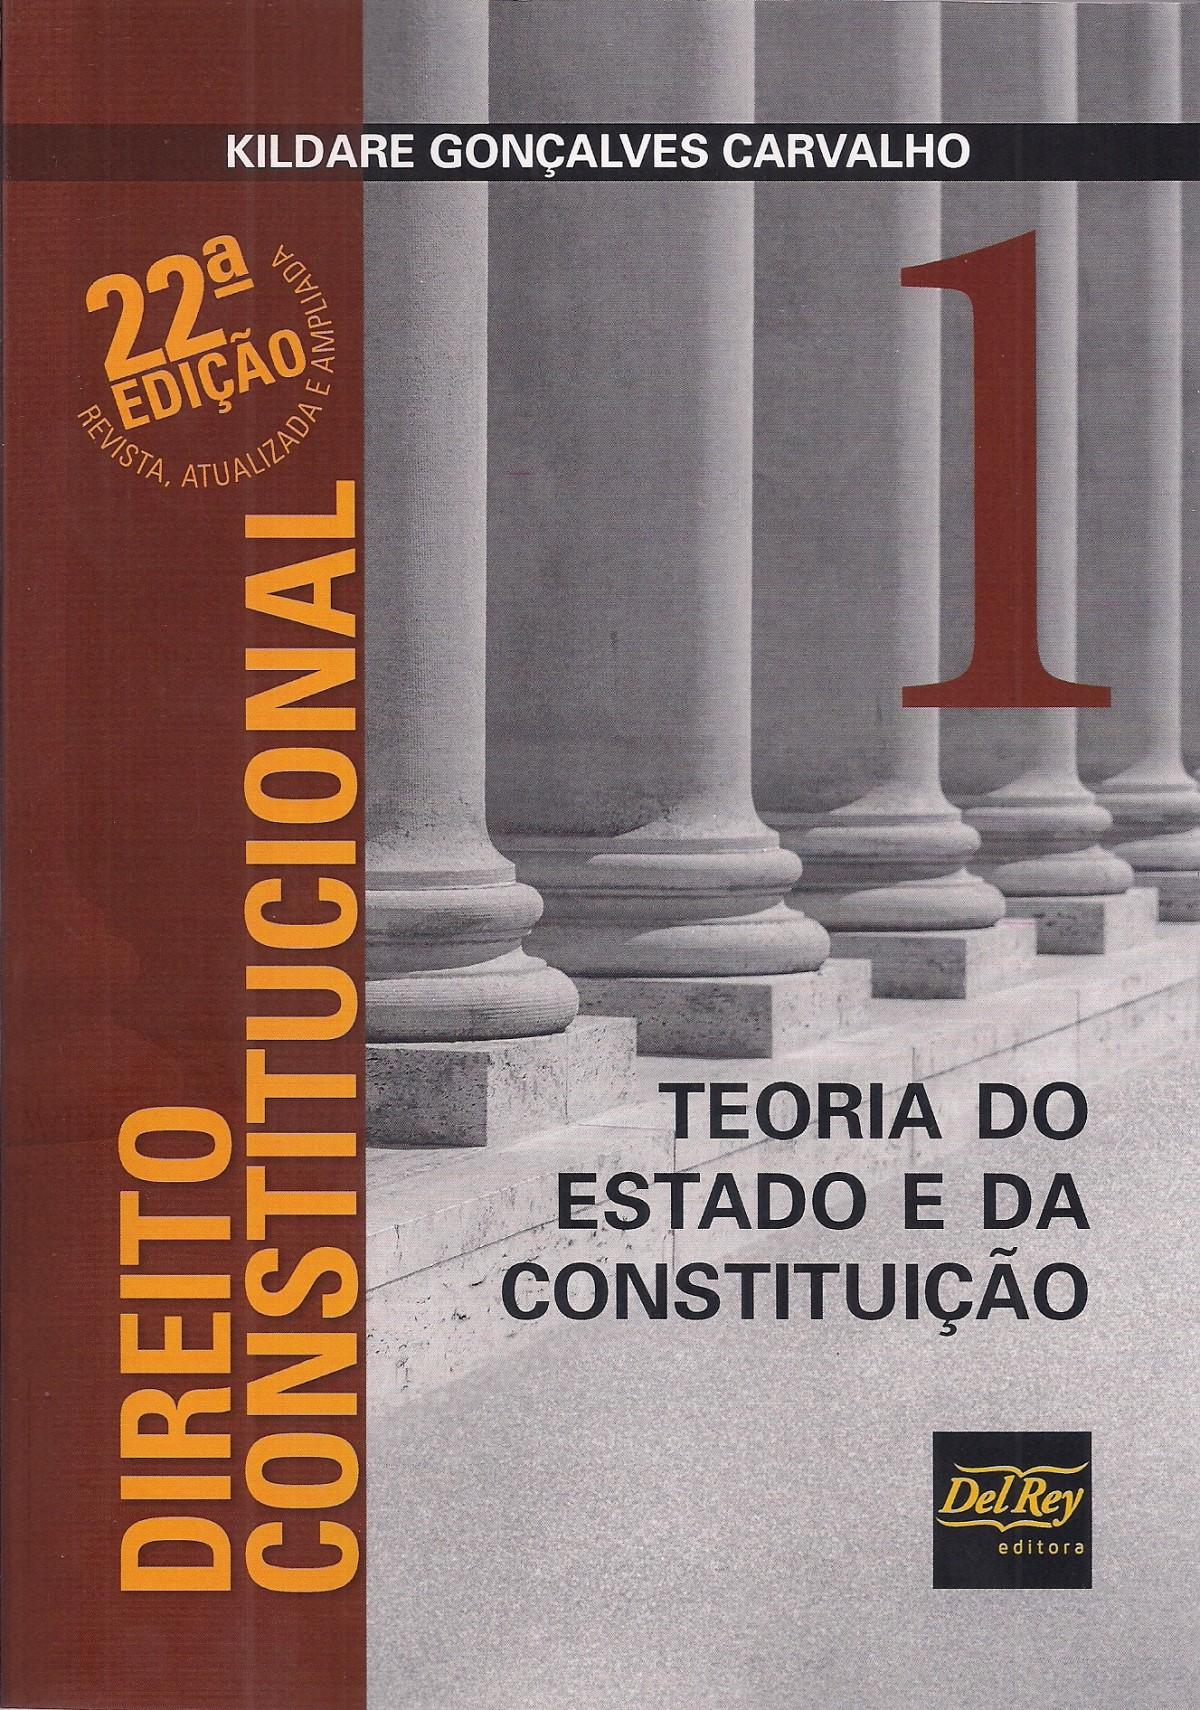 Foto 1 - Direito Constitucional: Teoria Do Estado E Da Constituição - Vol.1